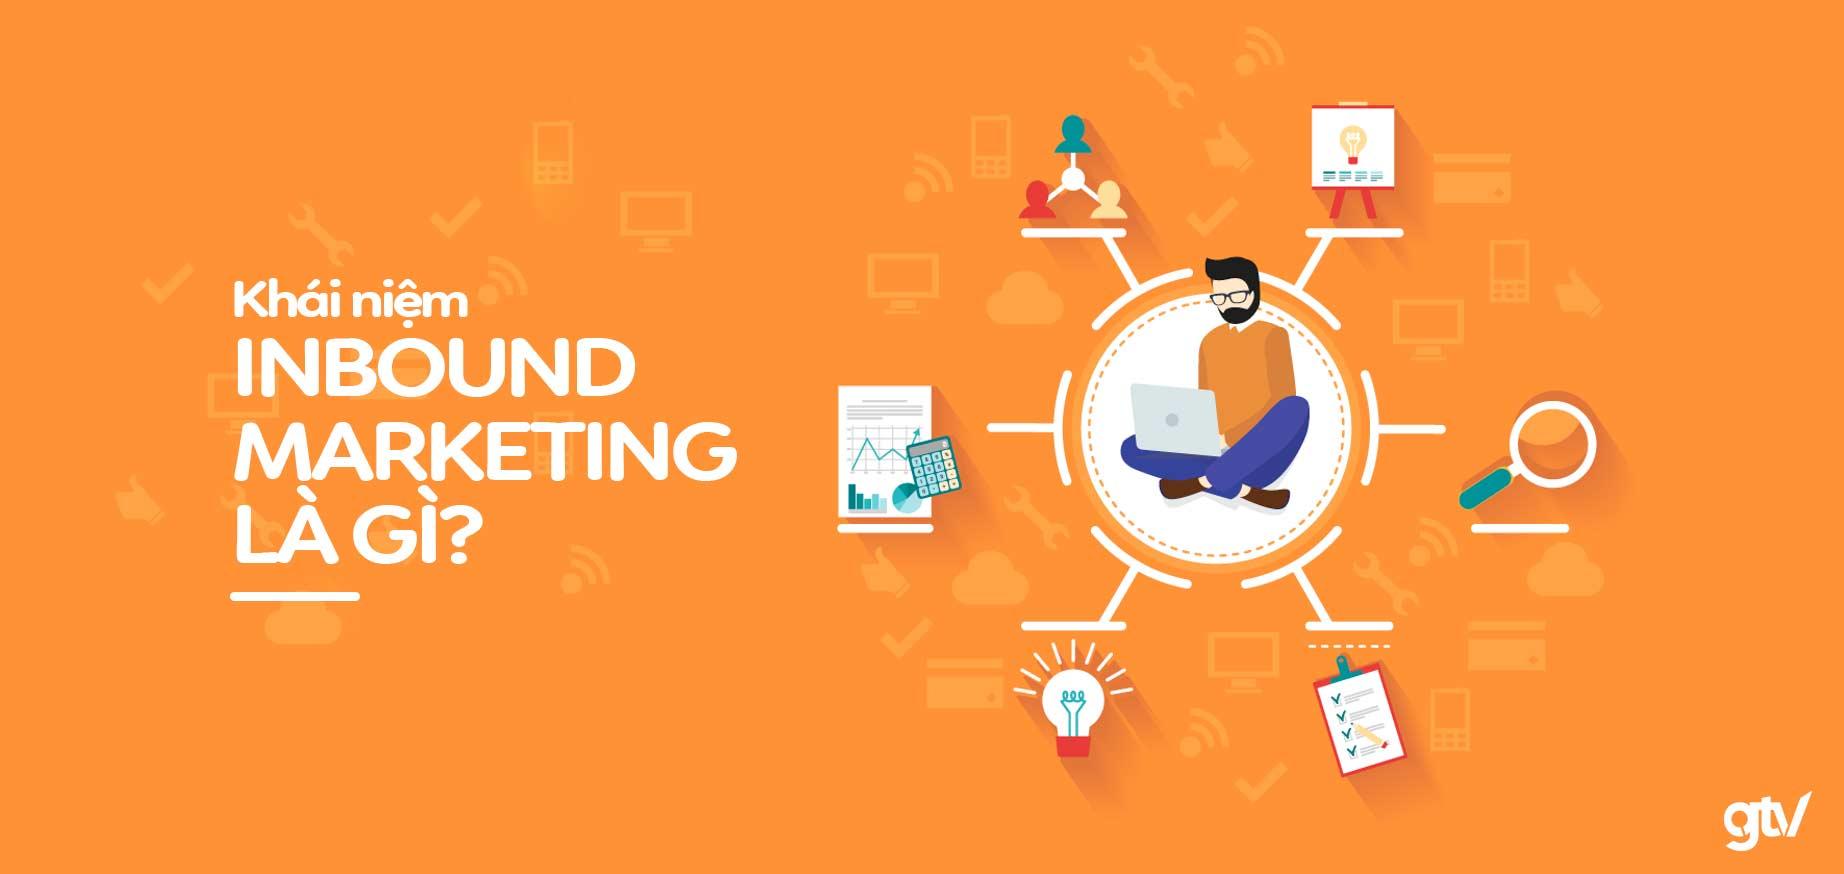 Khái niệm Inbound Marketing là gì?